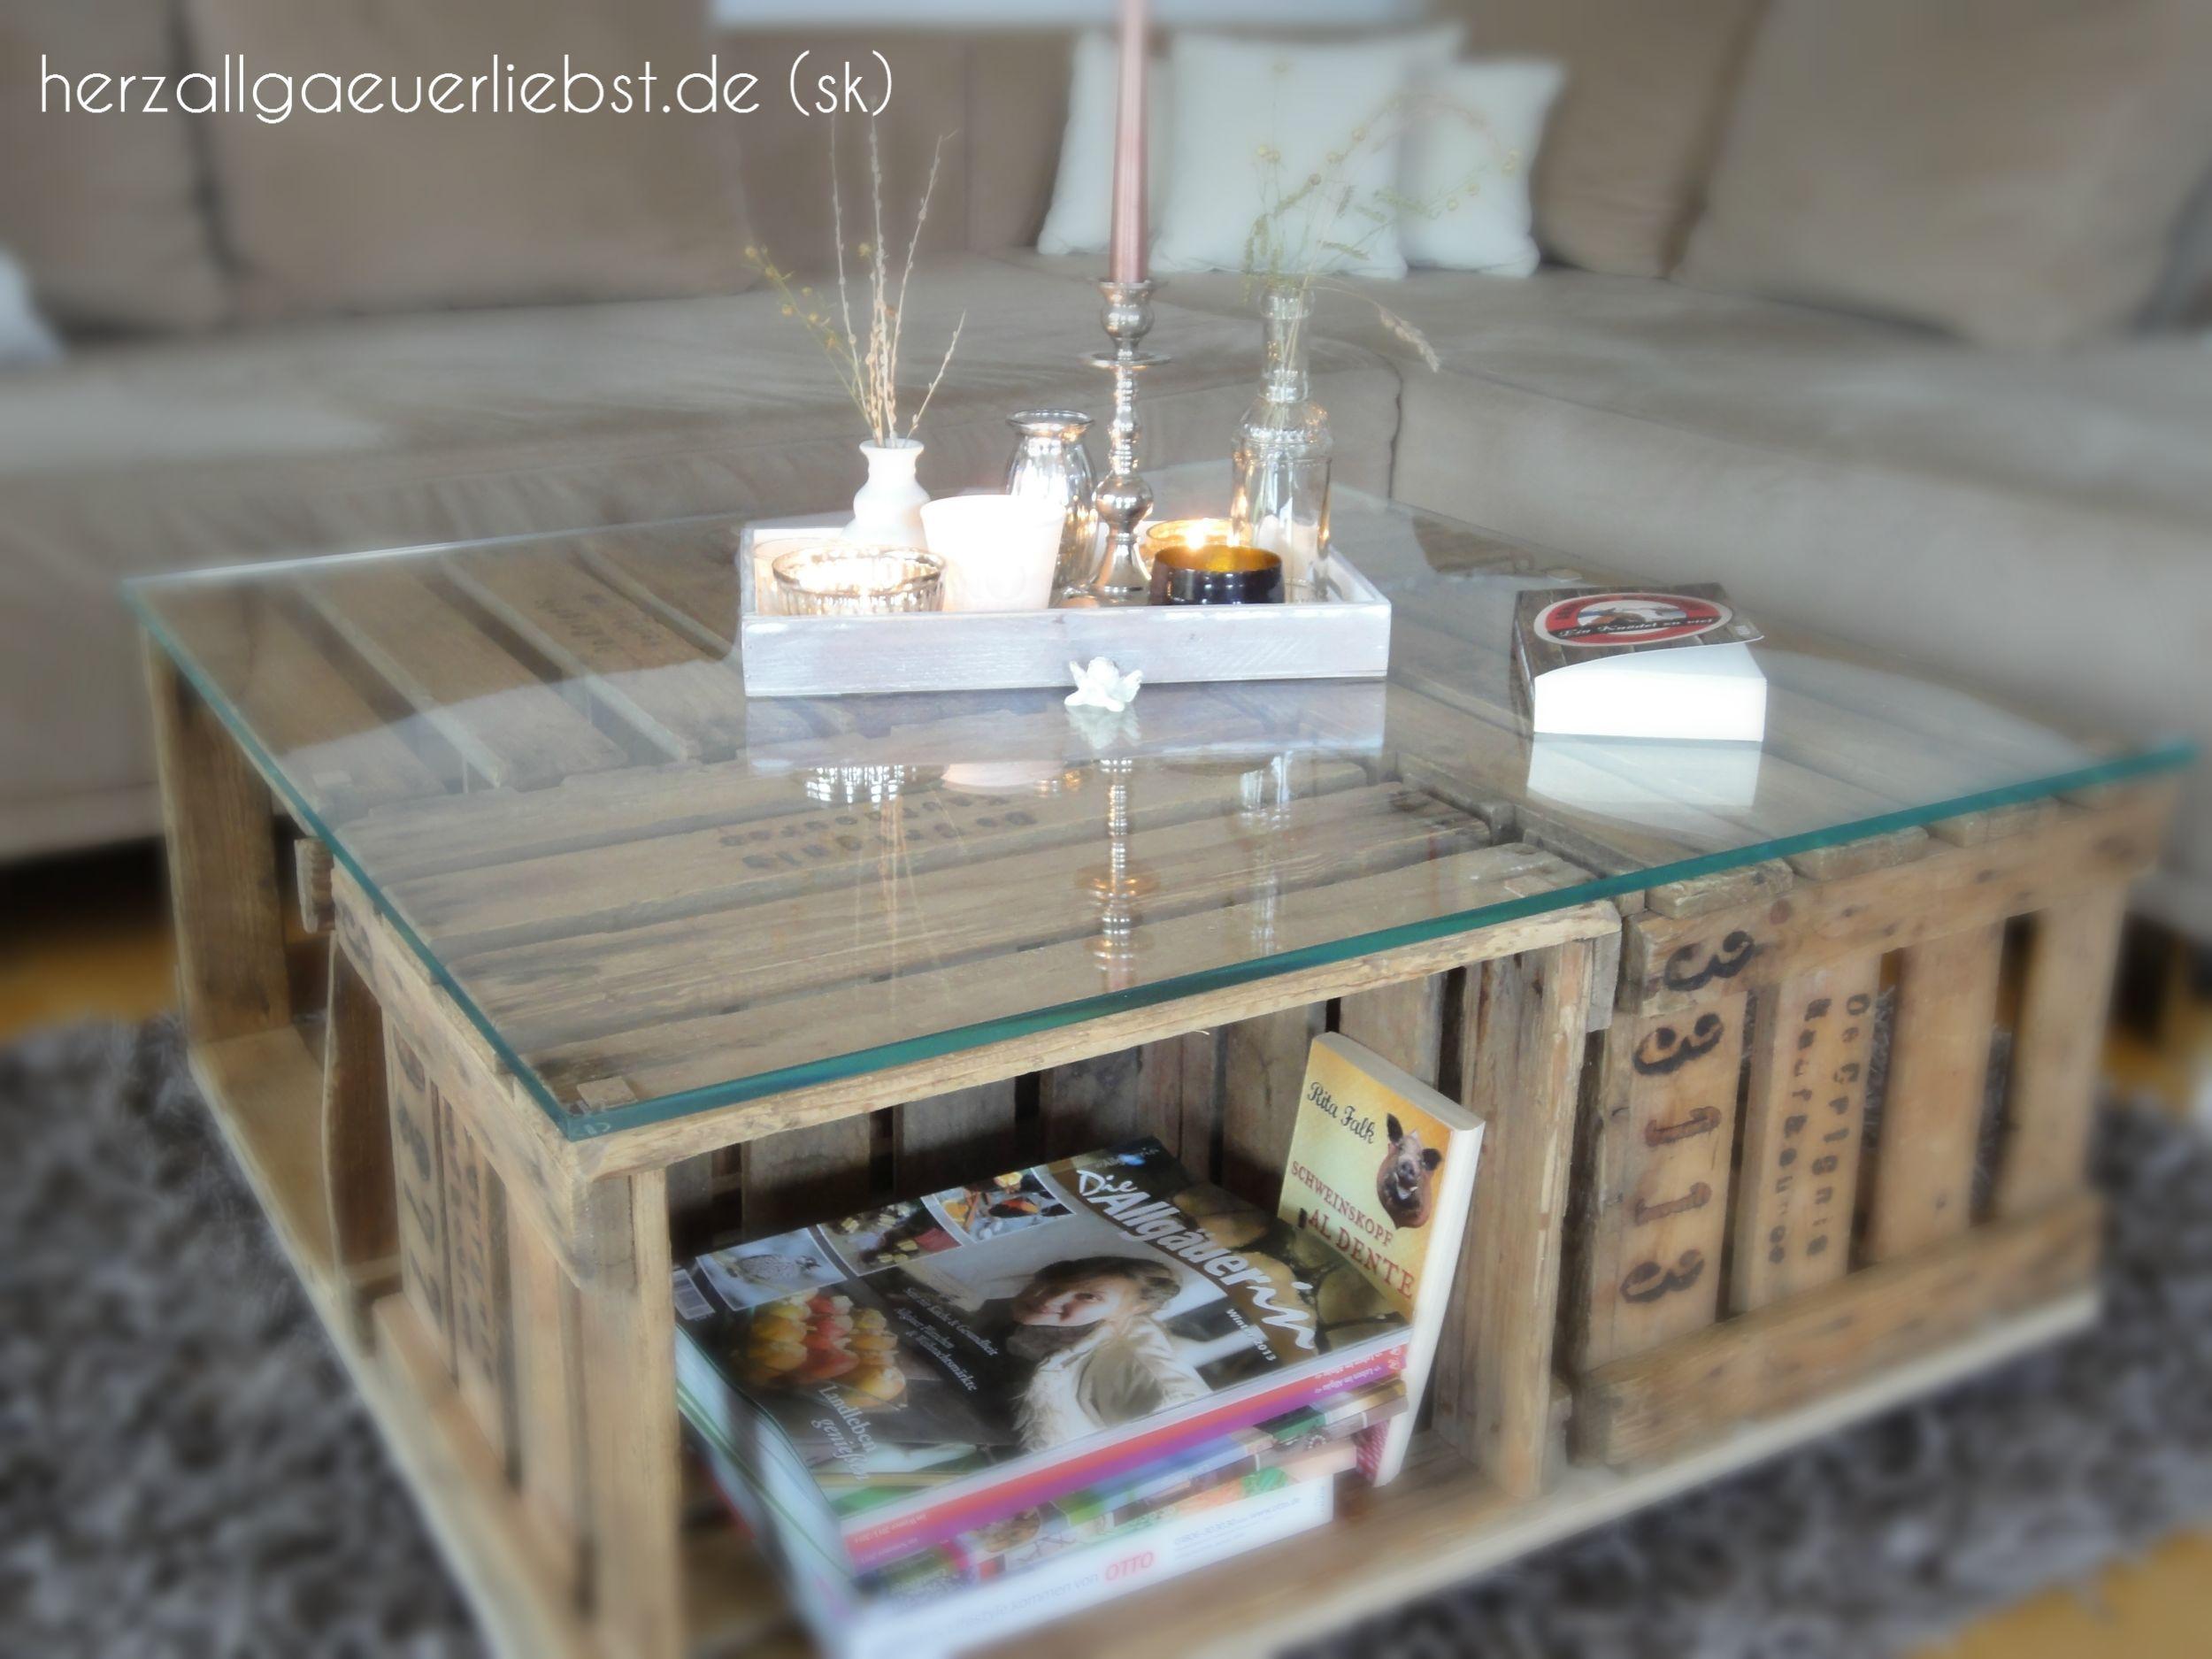 Wohnzimmertisch aus alten weinkisten einrichten diy pinterest wohnzimmer m bel und tisch - Wohnzimmertisch weinkisten ...